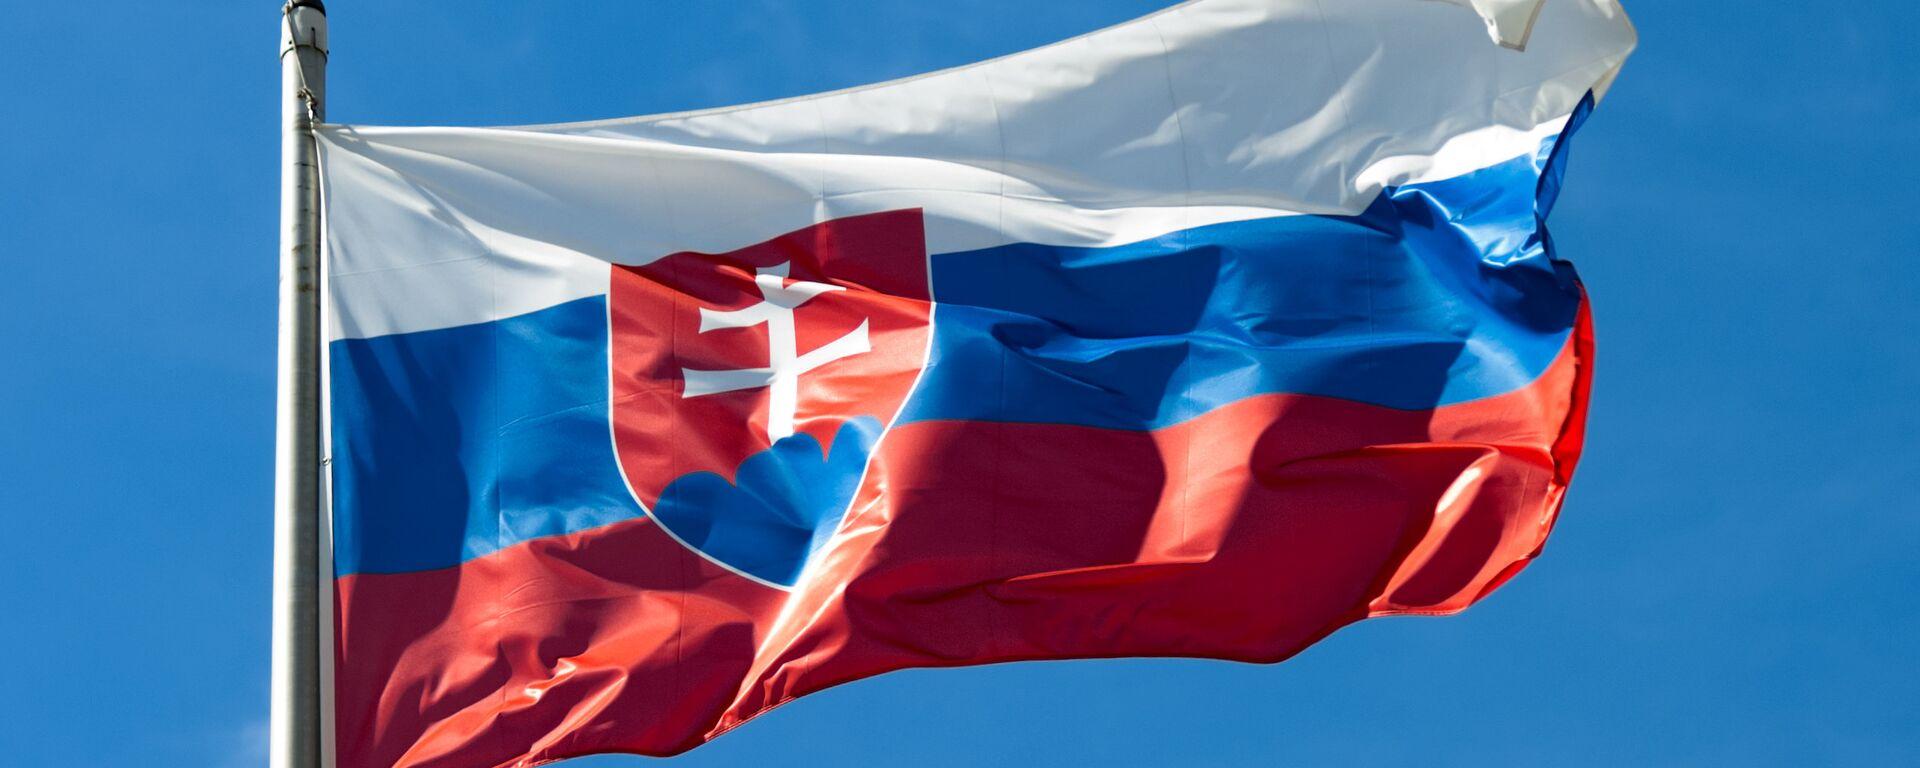 Slovenská vlajka  - Sputnik Česká republika, 1920, 23.09.2021